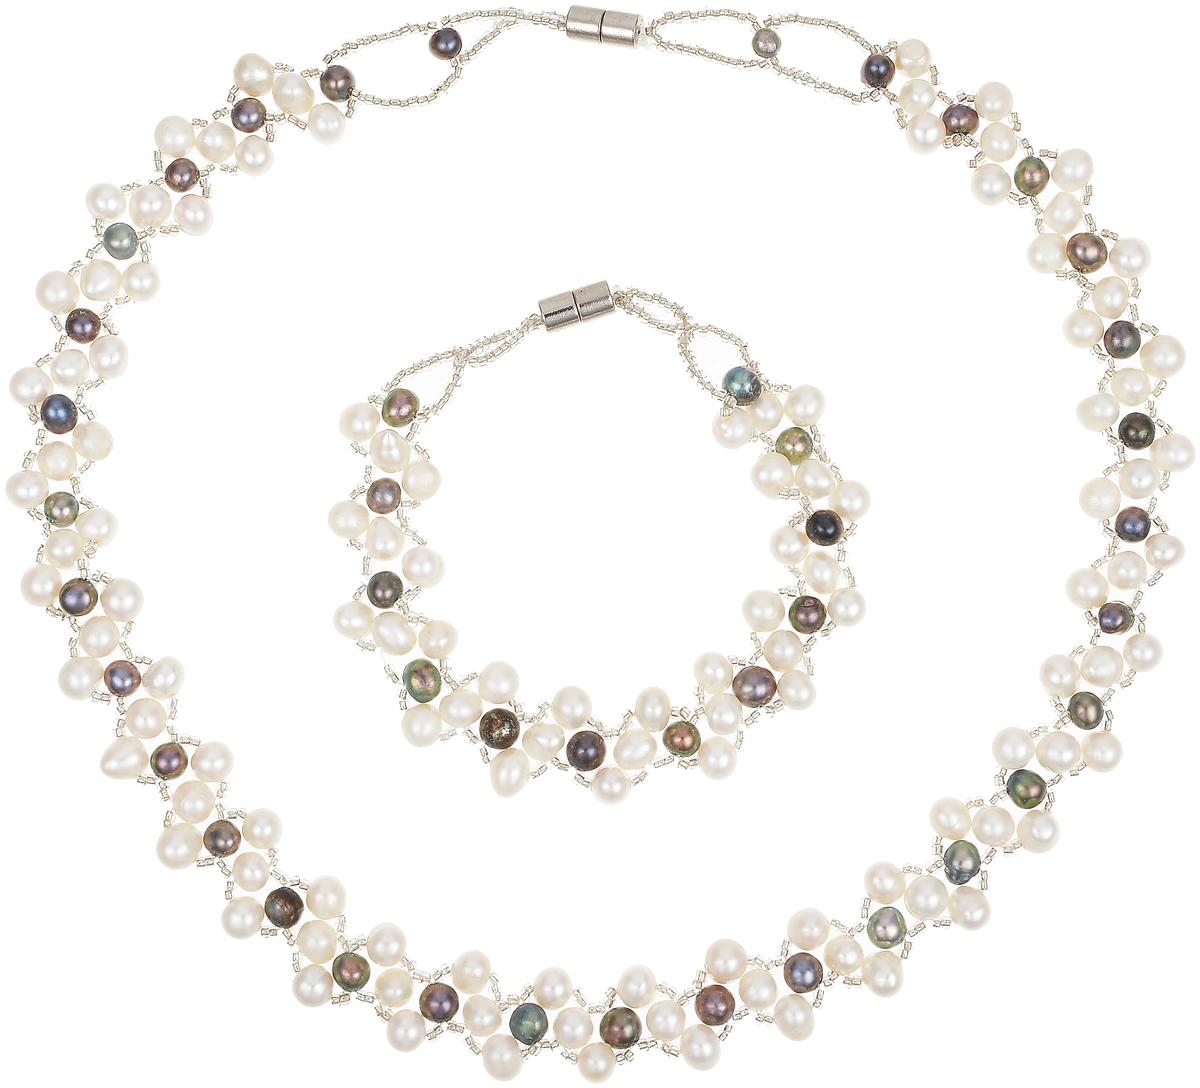 Комплект бижутерии Art-Silver: ожерелье, браслет, цвет: серый. N063-725N063-725Великолепный комплект бижутерии Art-Silver состоит из оригинального ожерелья и браслета. Изделия выполнены из бижутерного сплава, жемчуга и бисера. Ожерелье оформлено бусинами, застегивается на магнитный замок. Браслет так же оформлен бусинами и застегивается на магнитный замок.